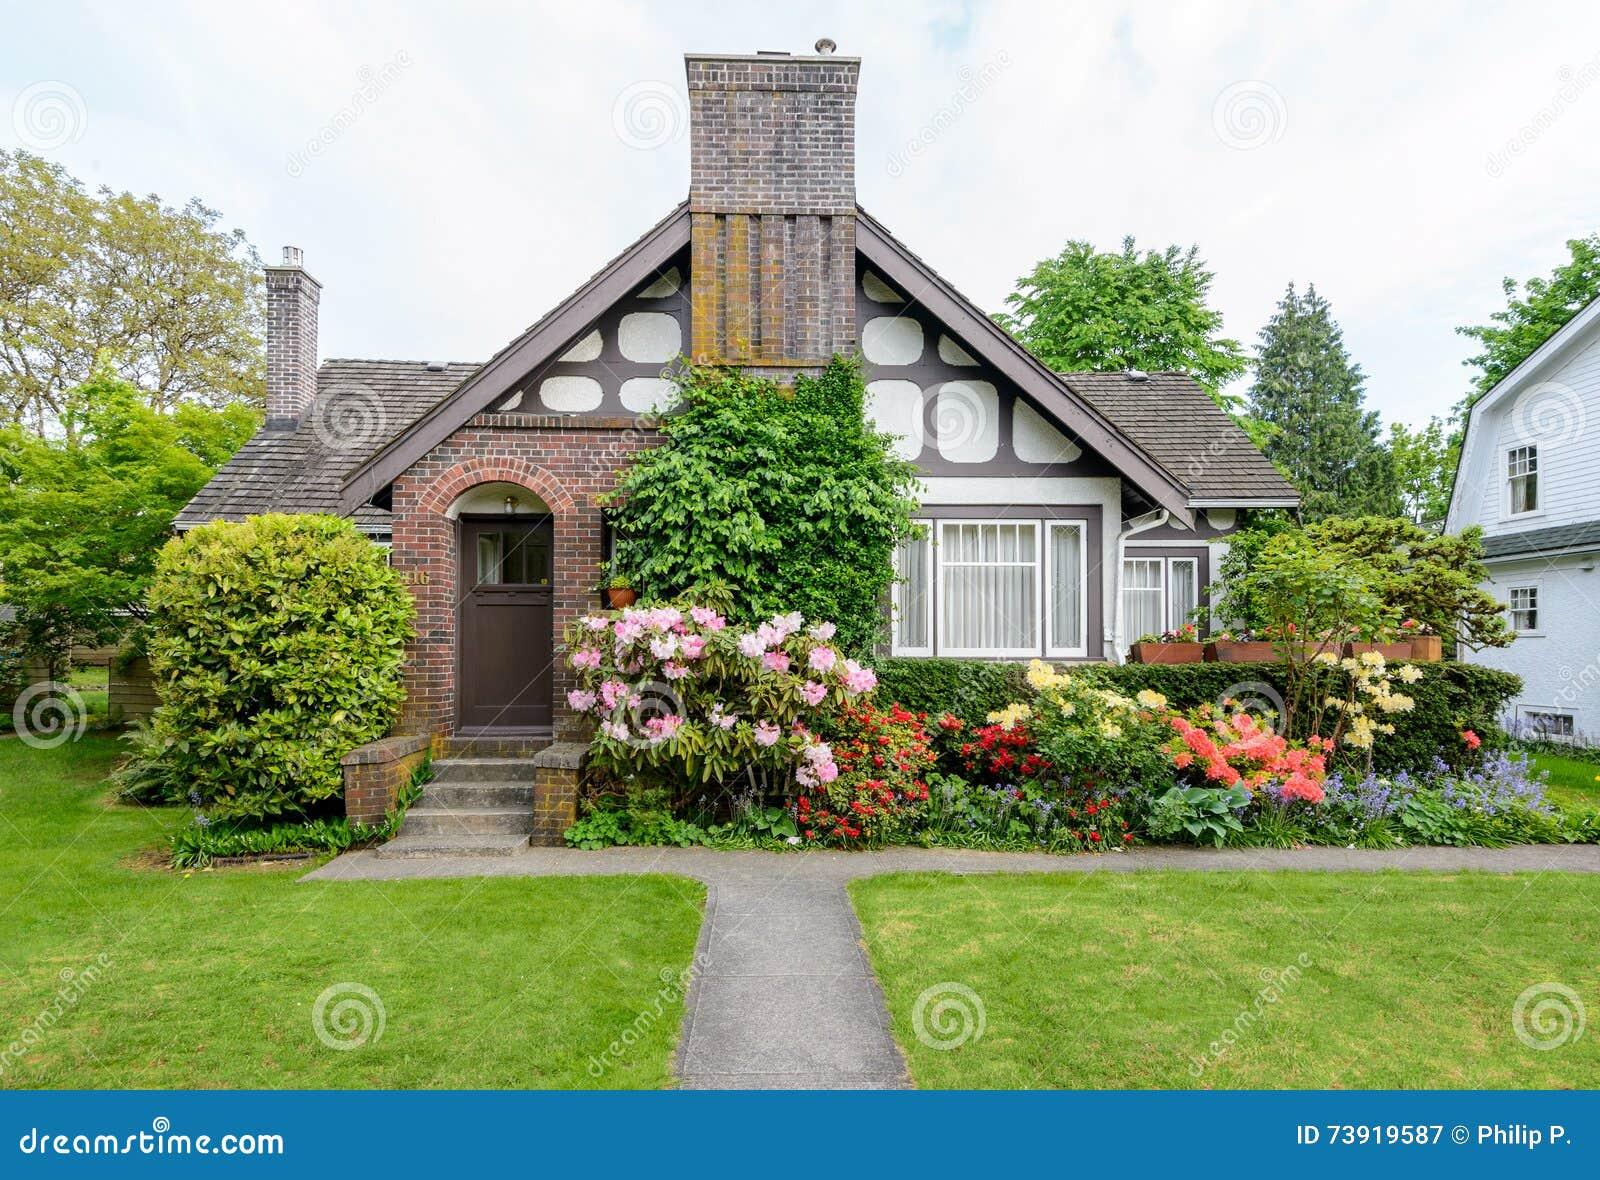 Casa Acogedora Con Un Jardín Hermoso En Un Día Soleado